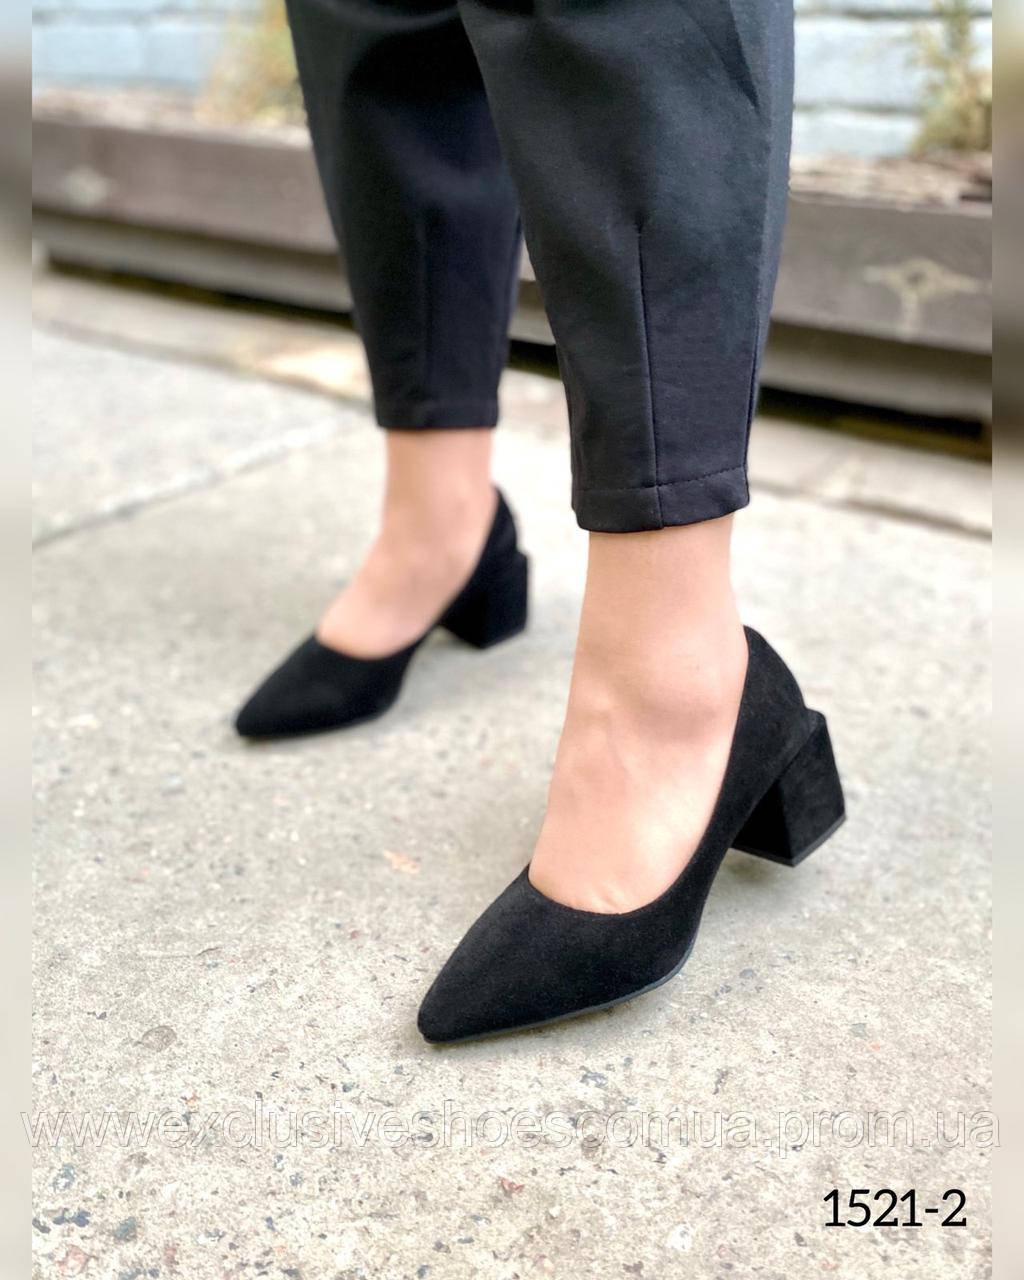 Туфлі жіночі замшеві туфельки гостроносі чорні